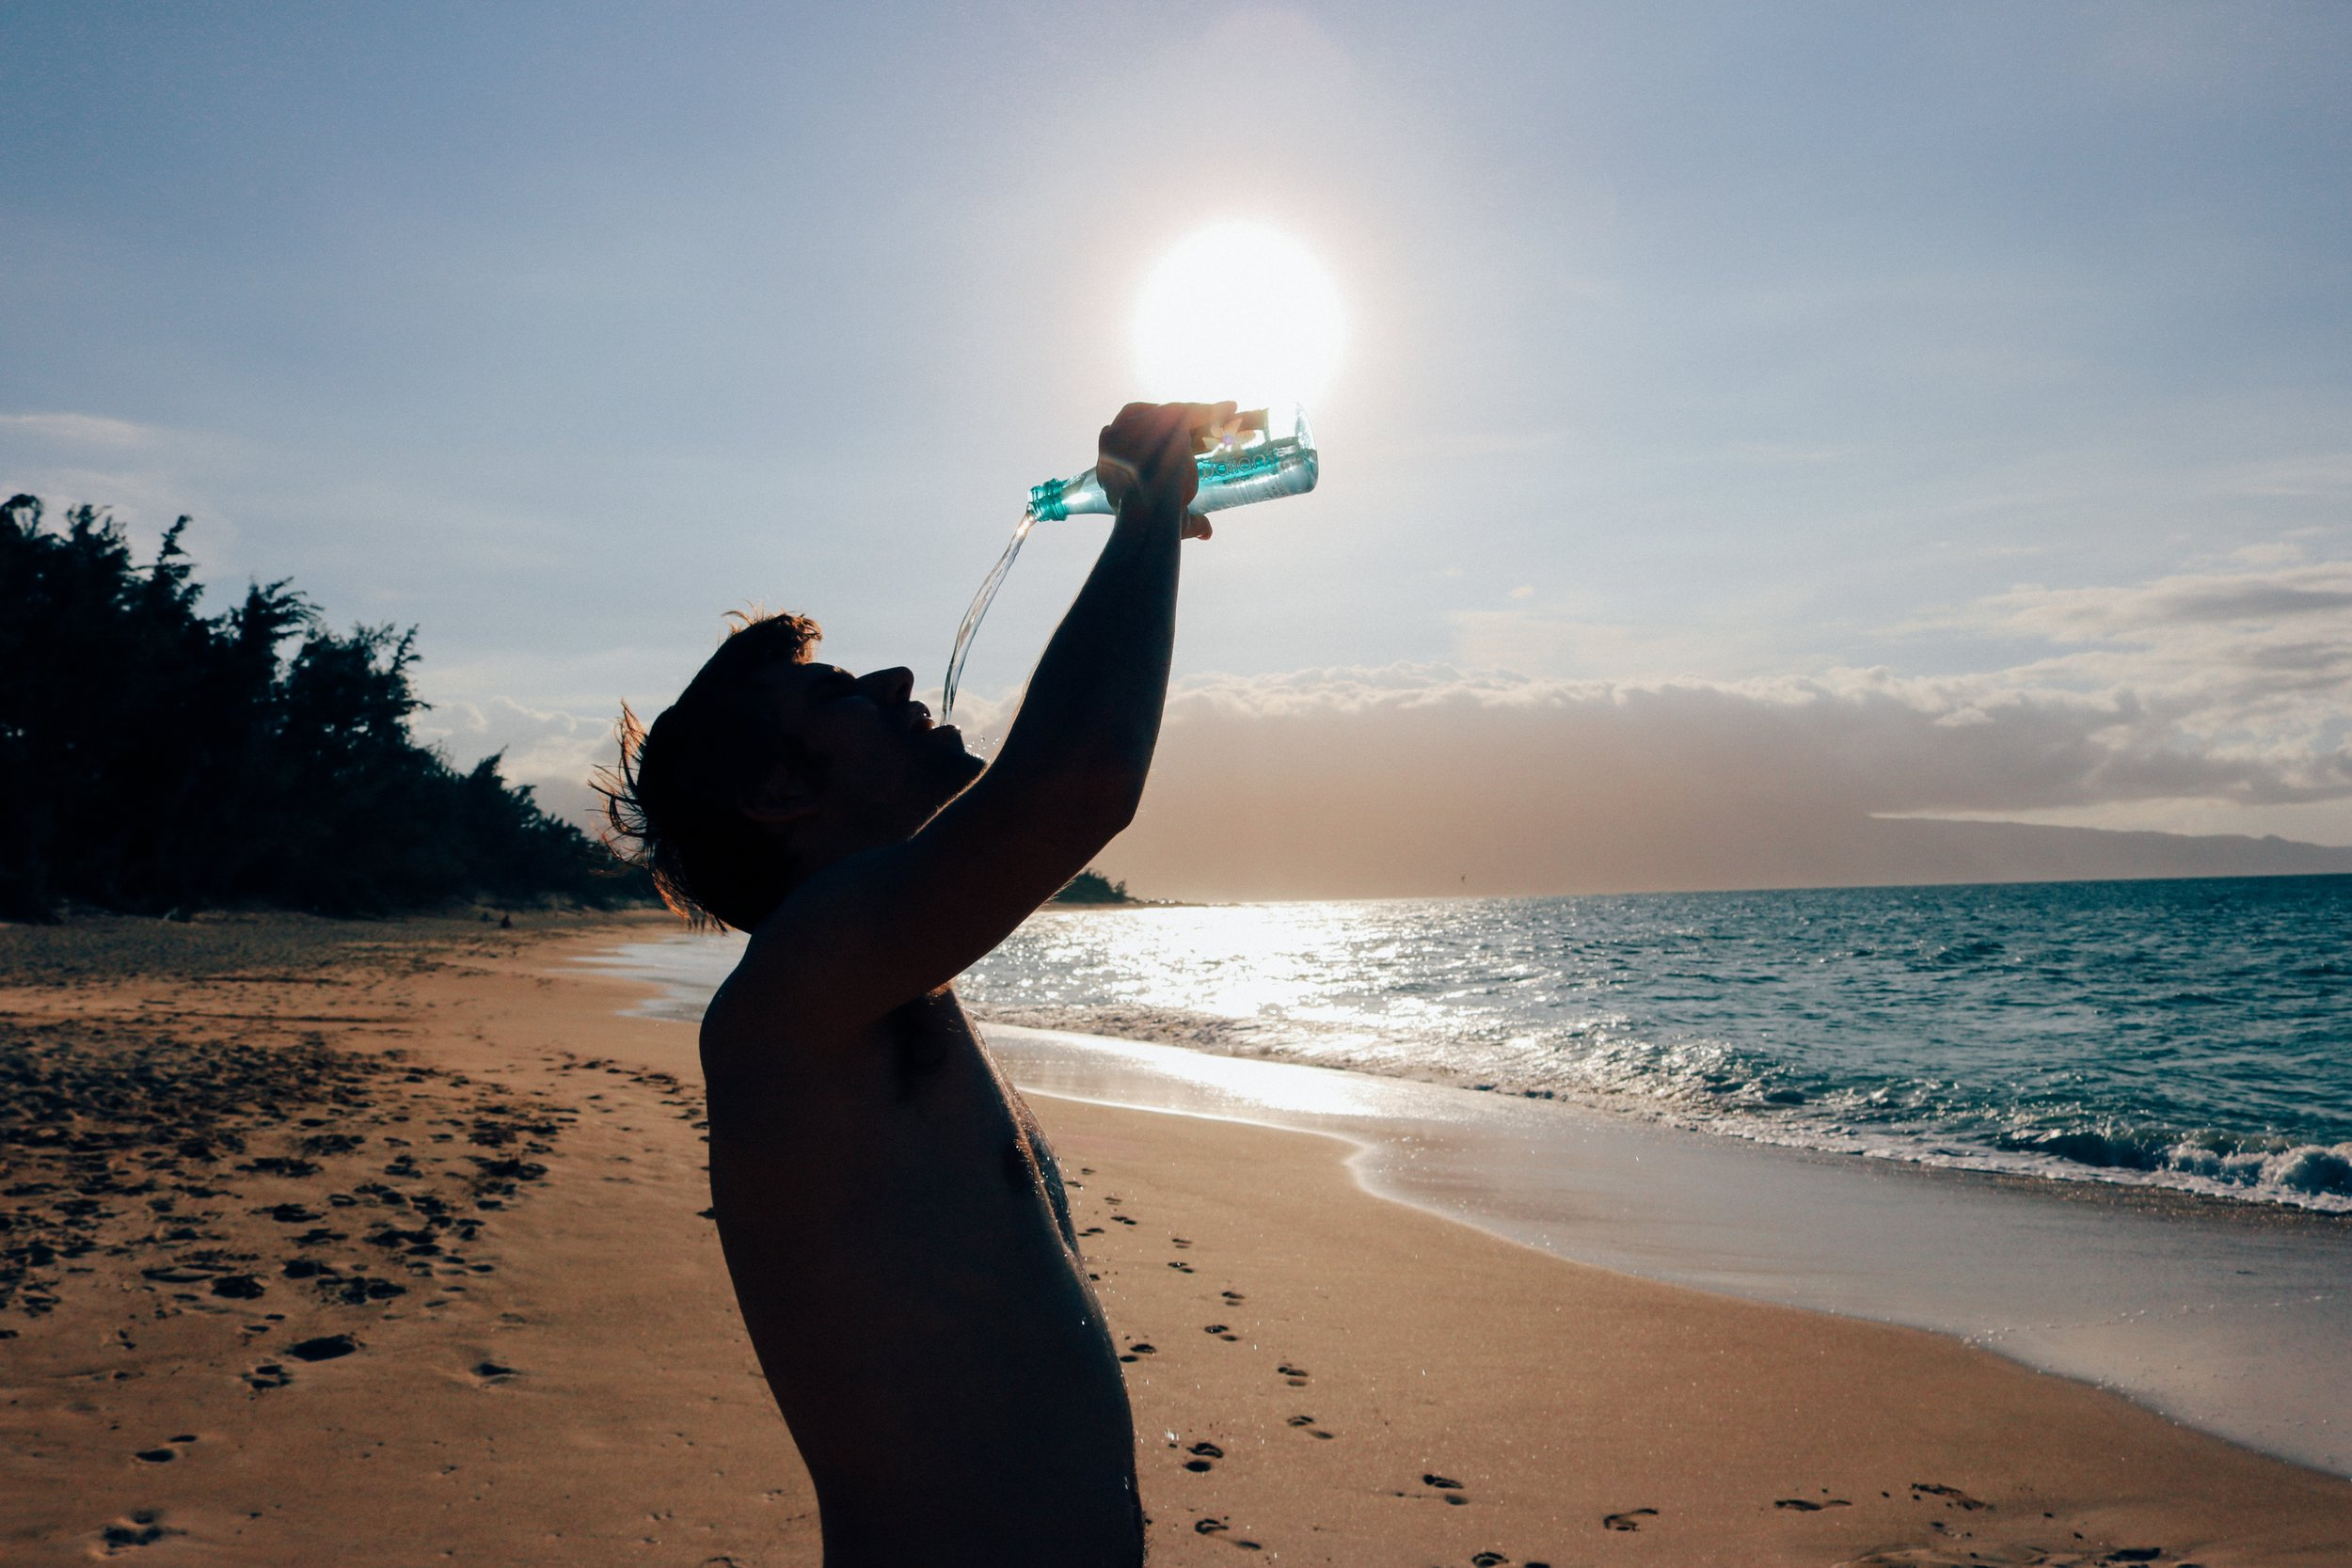 uwm.water.man-beach-sea-coast-water-sand-695478-pxhere.com